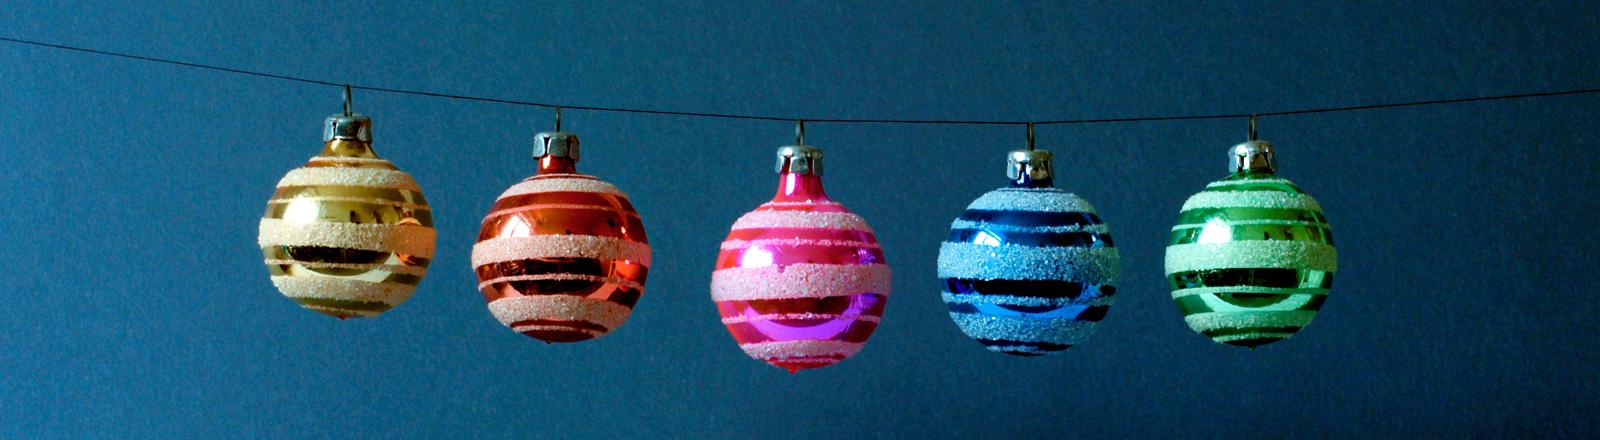 Eine Kette voller Weihnachtskugeln